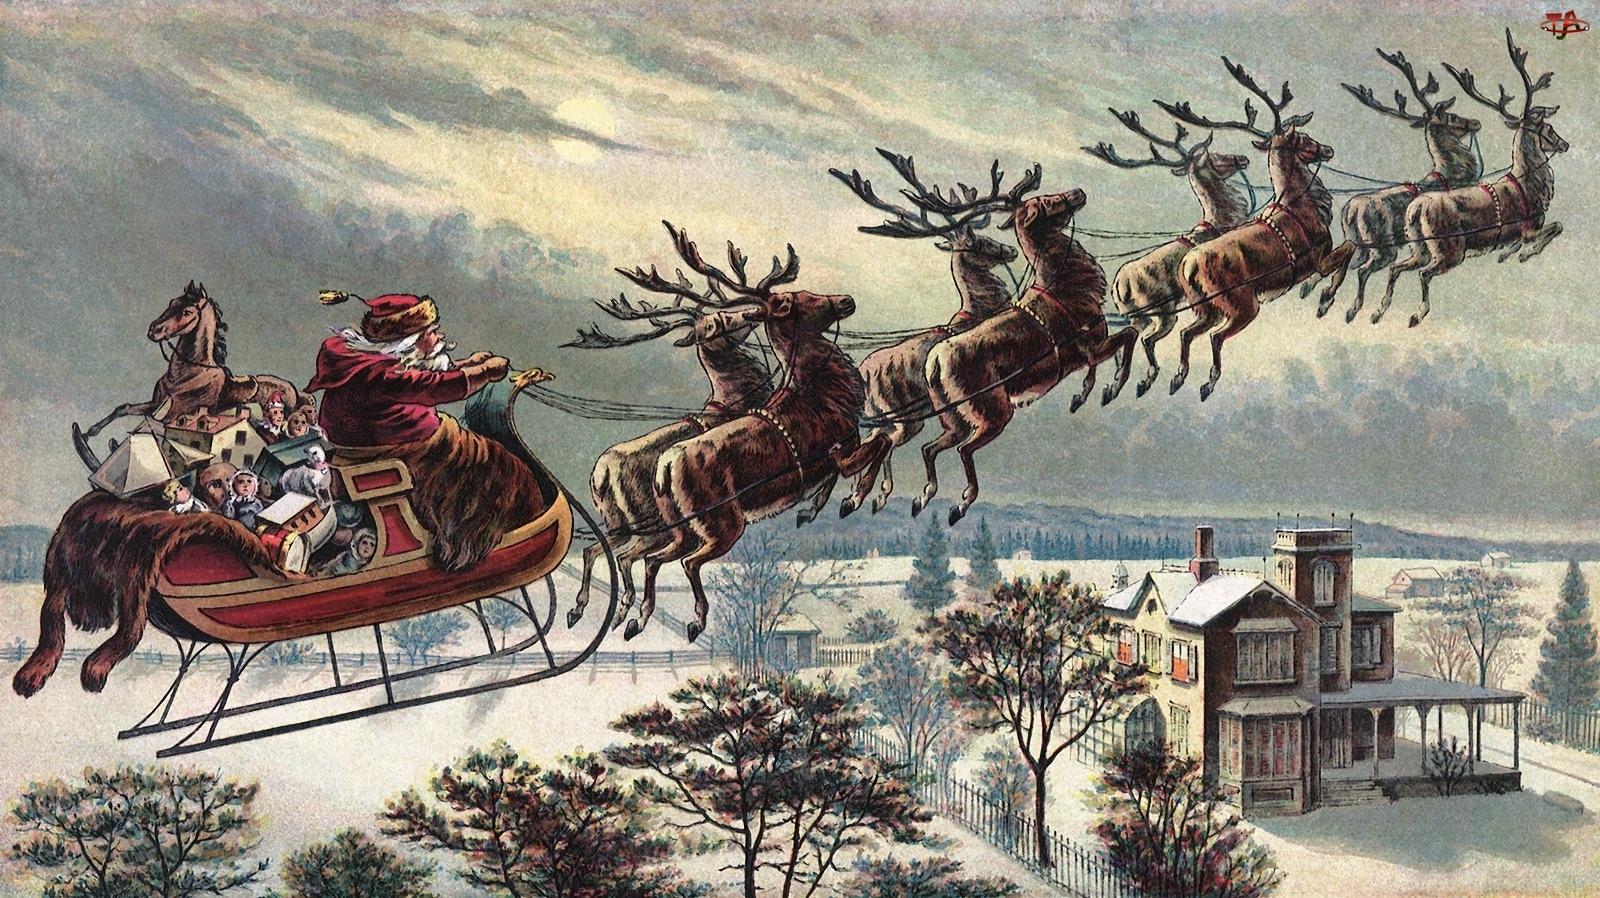 Mikołaj, Boże Narodzenie, Sanie, Zima